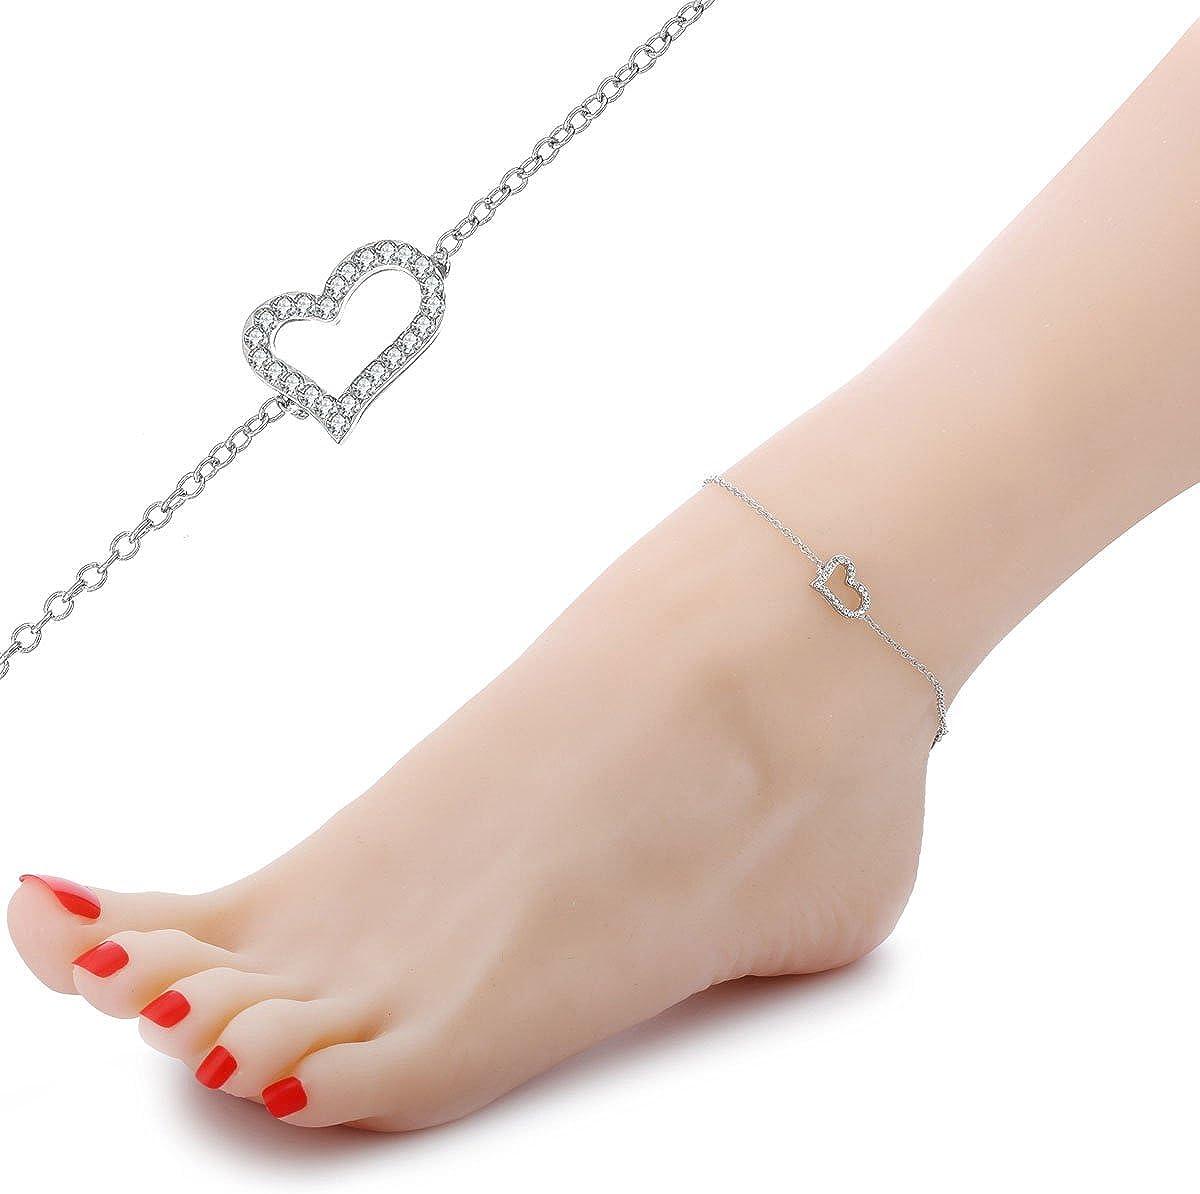 Fu/ßkettchen aus Gold und Silber mit Kristall verstellbar Kn/öchel-Armband f/ür Damen Fu/ßkettchen mit Anh/änger f/ür M/ädchen